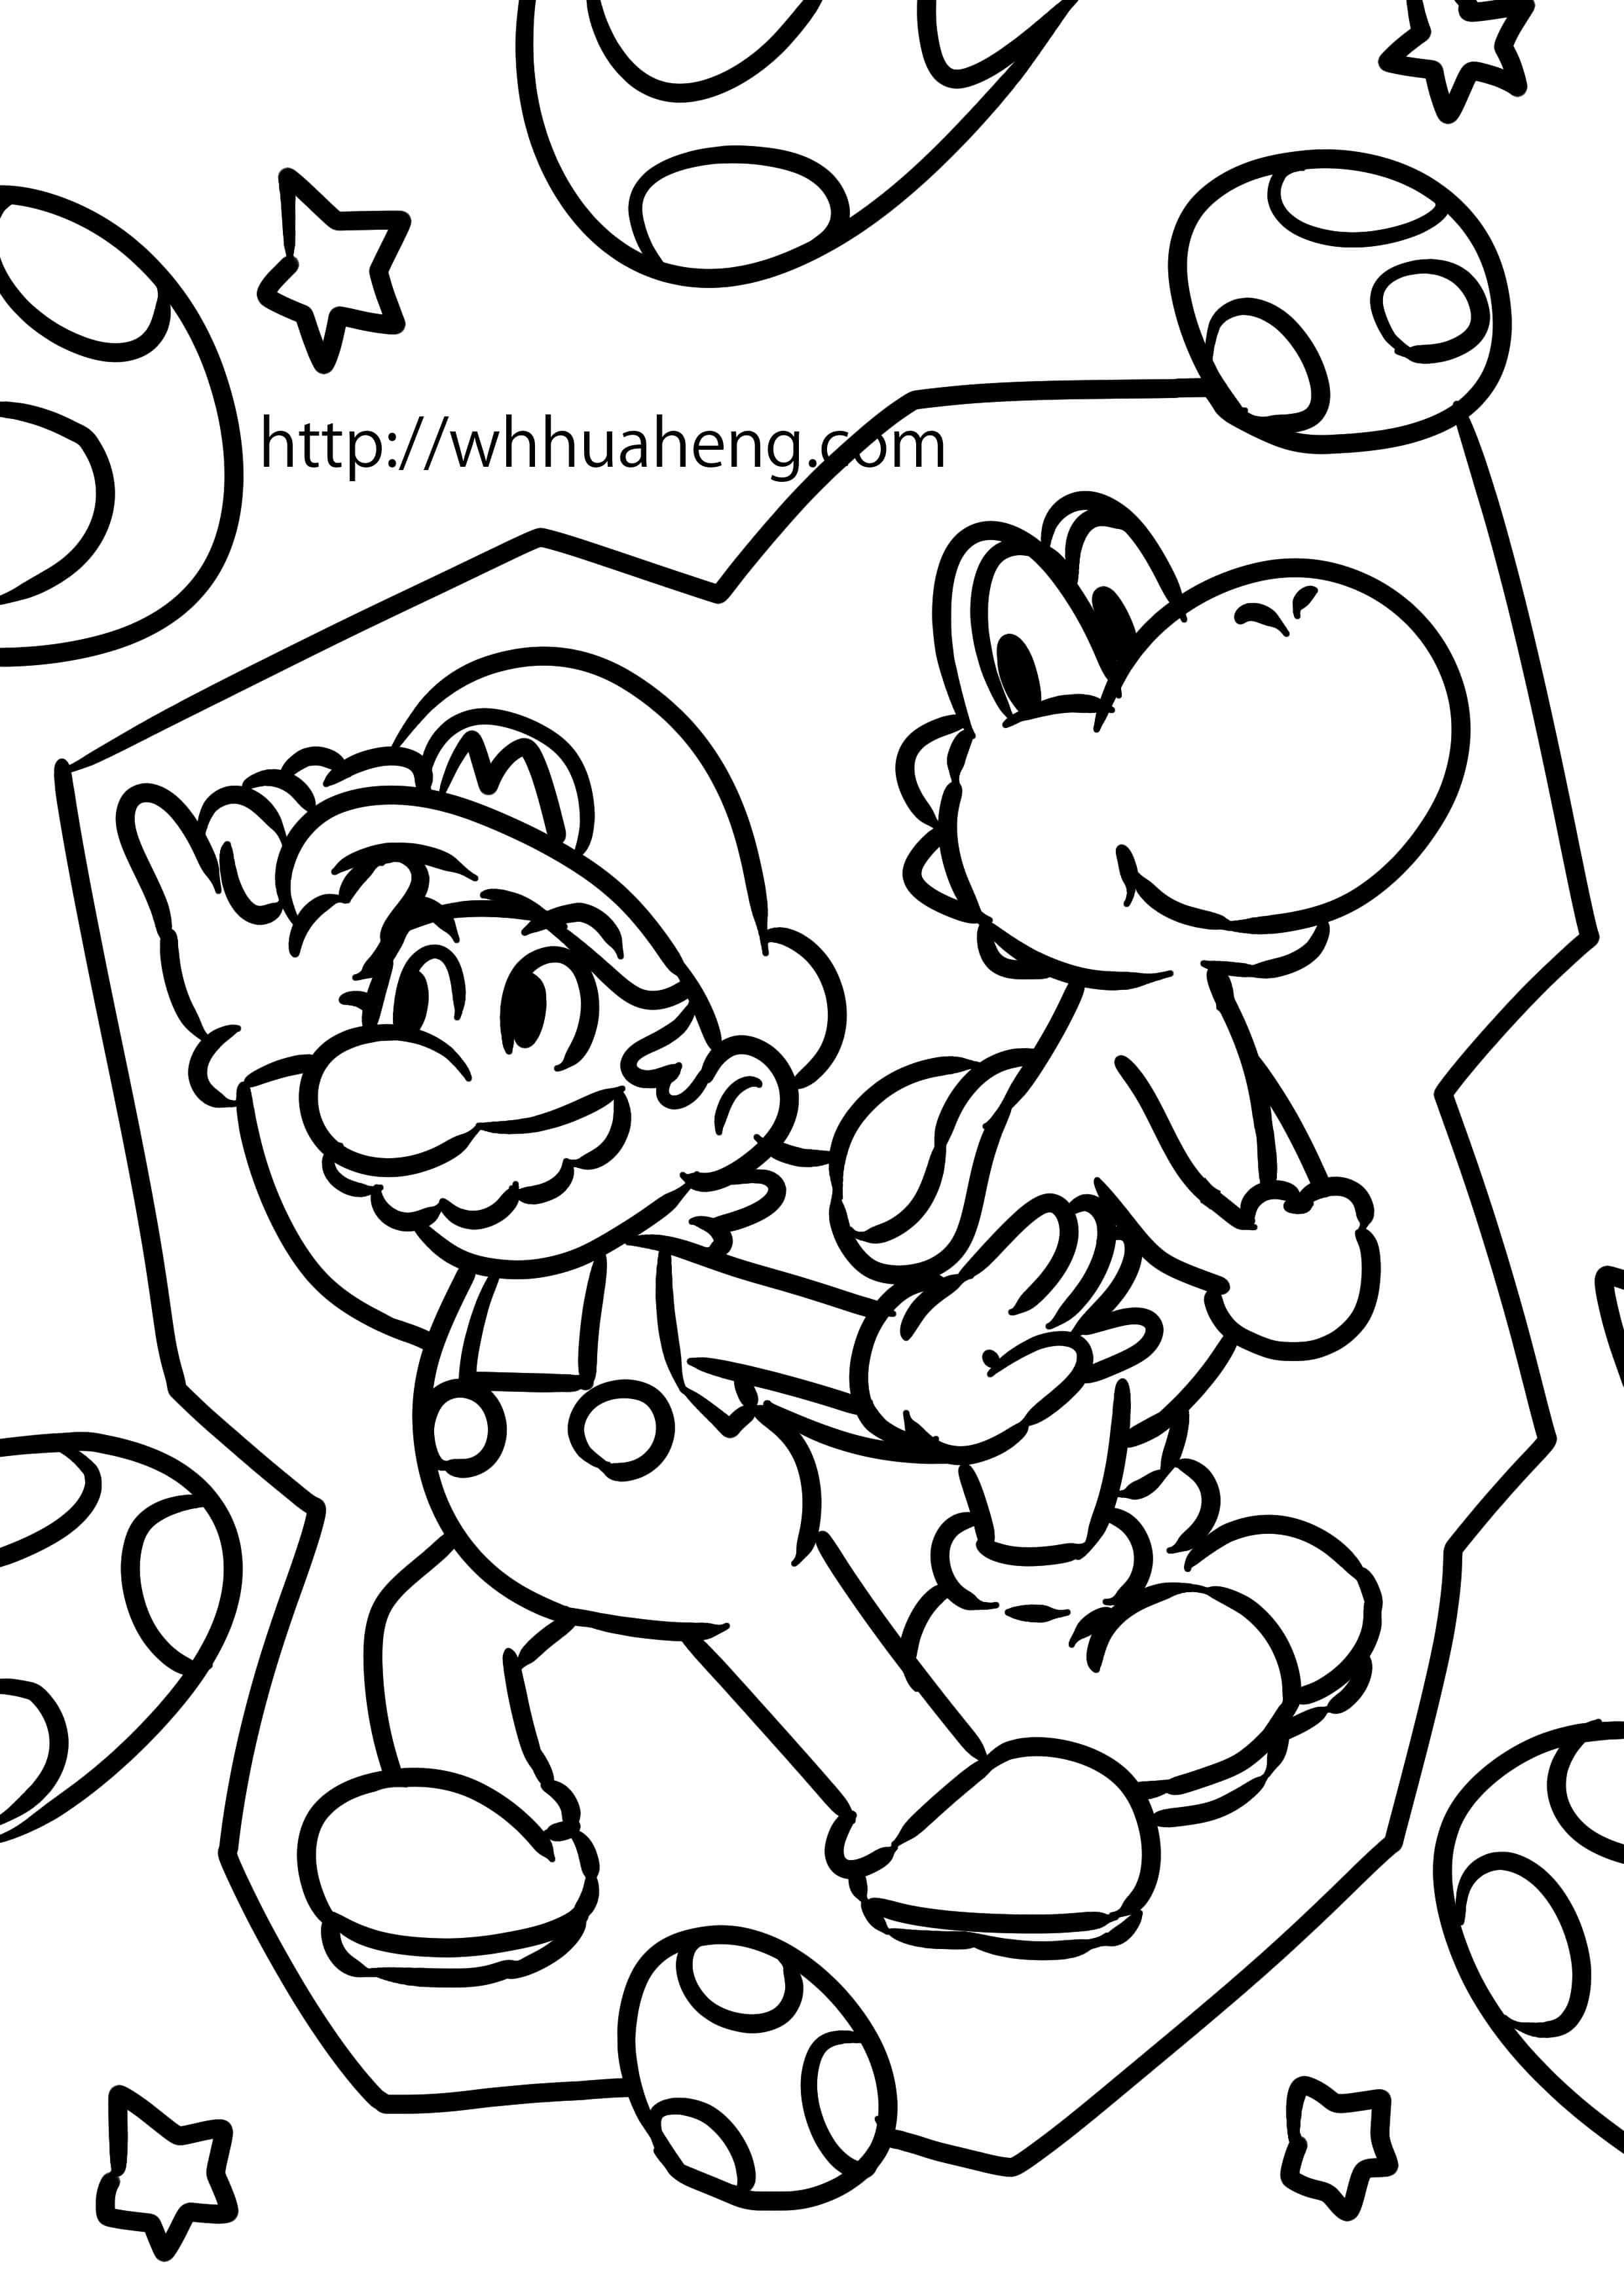 マリオ 塗り絵 pdf